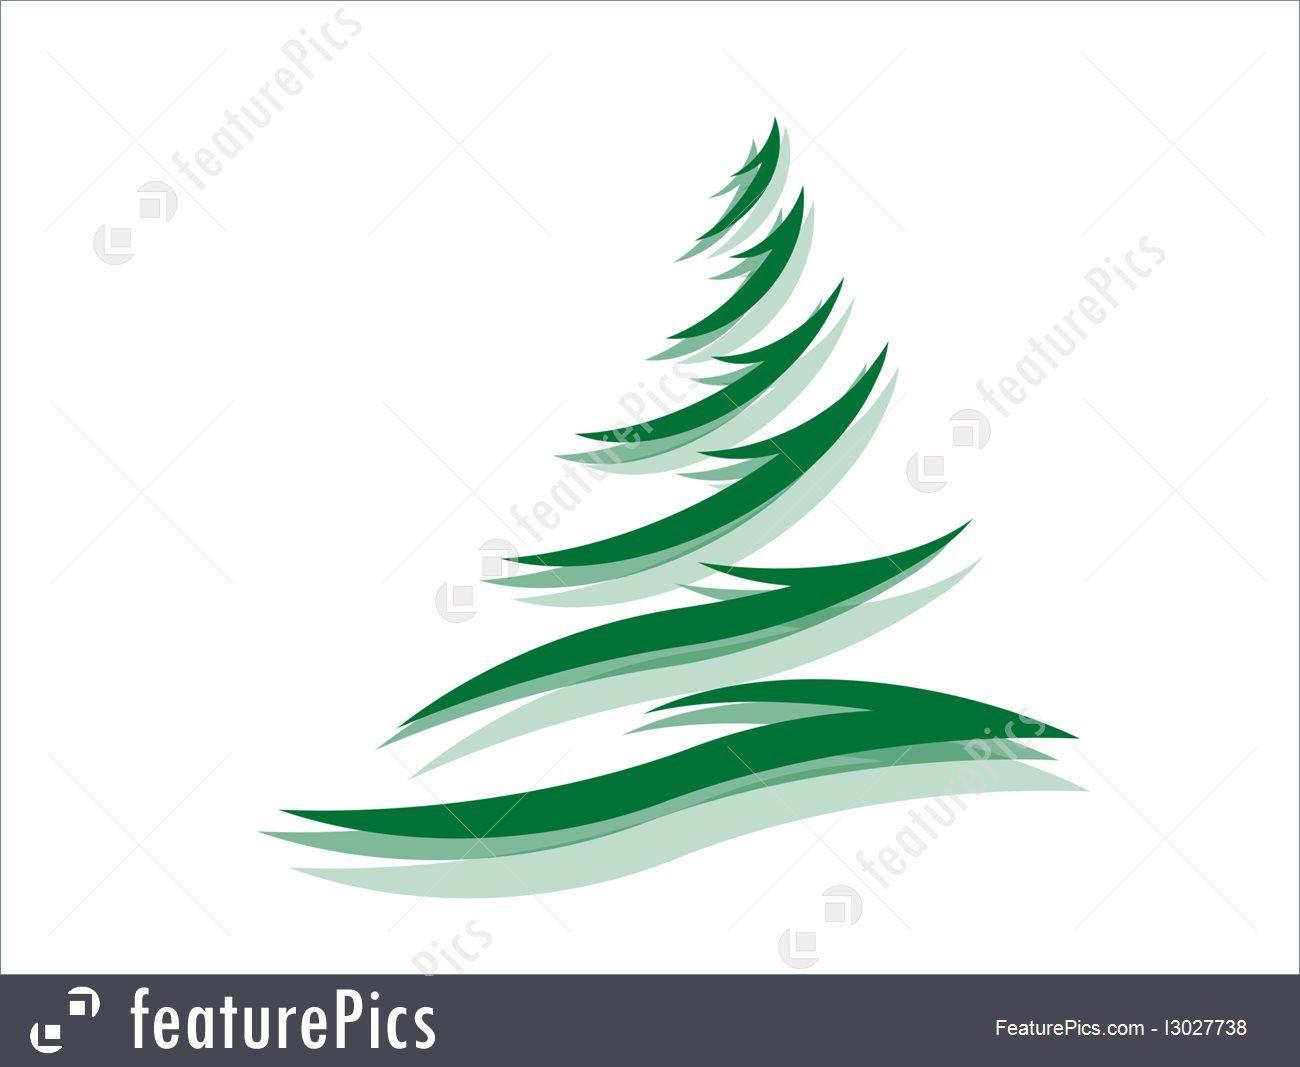 Image Result For Fir Tree Symbols Tattoos Pinterest Fir Tree